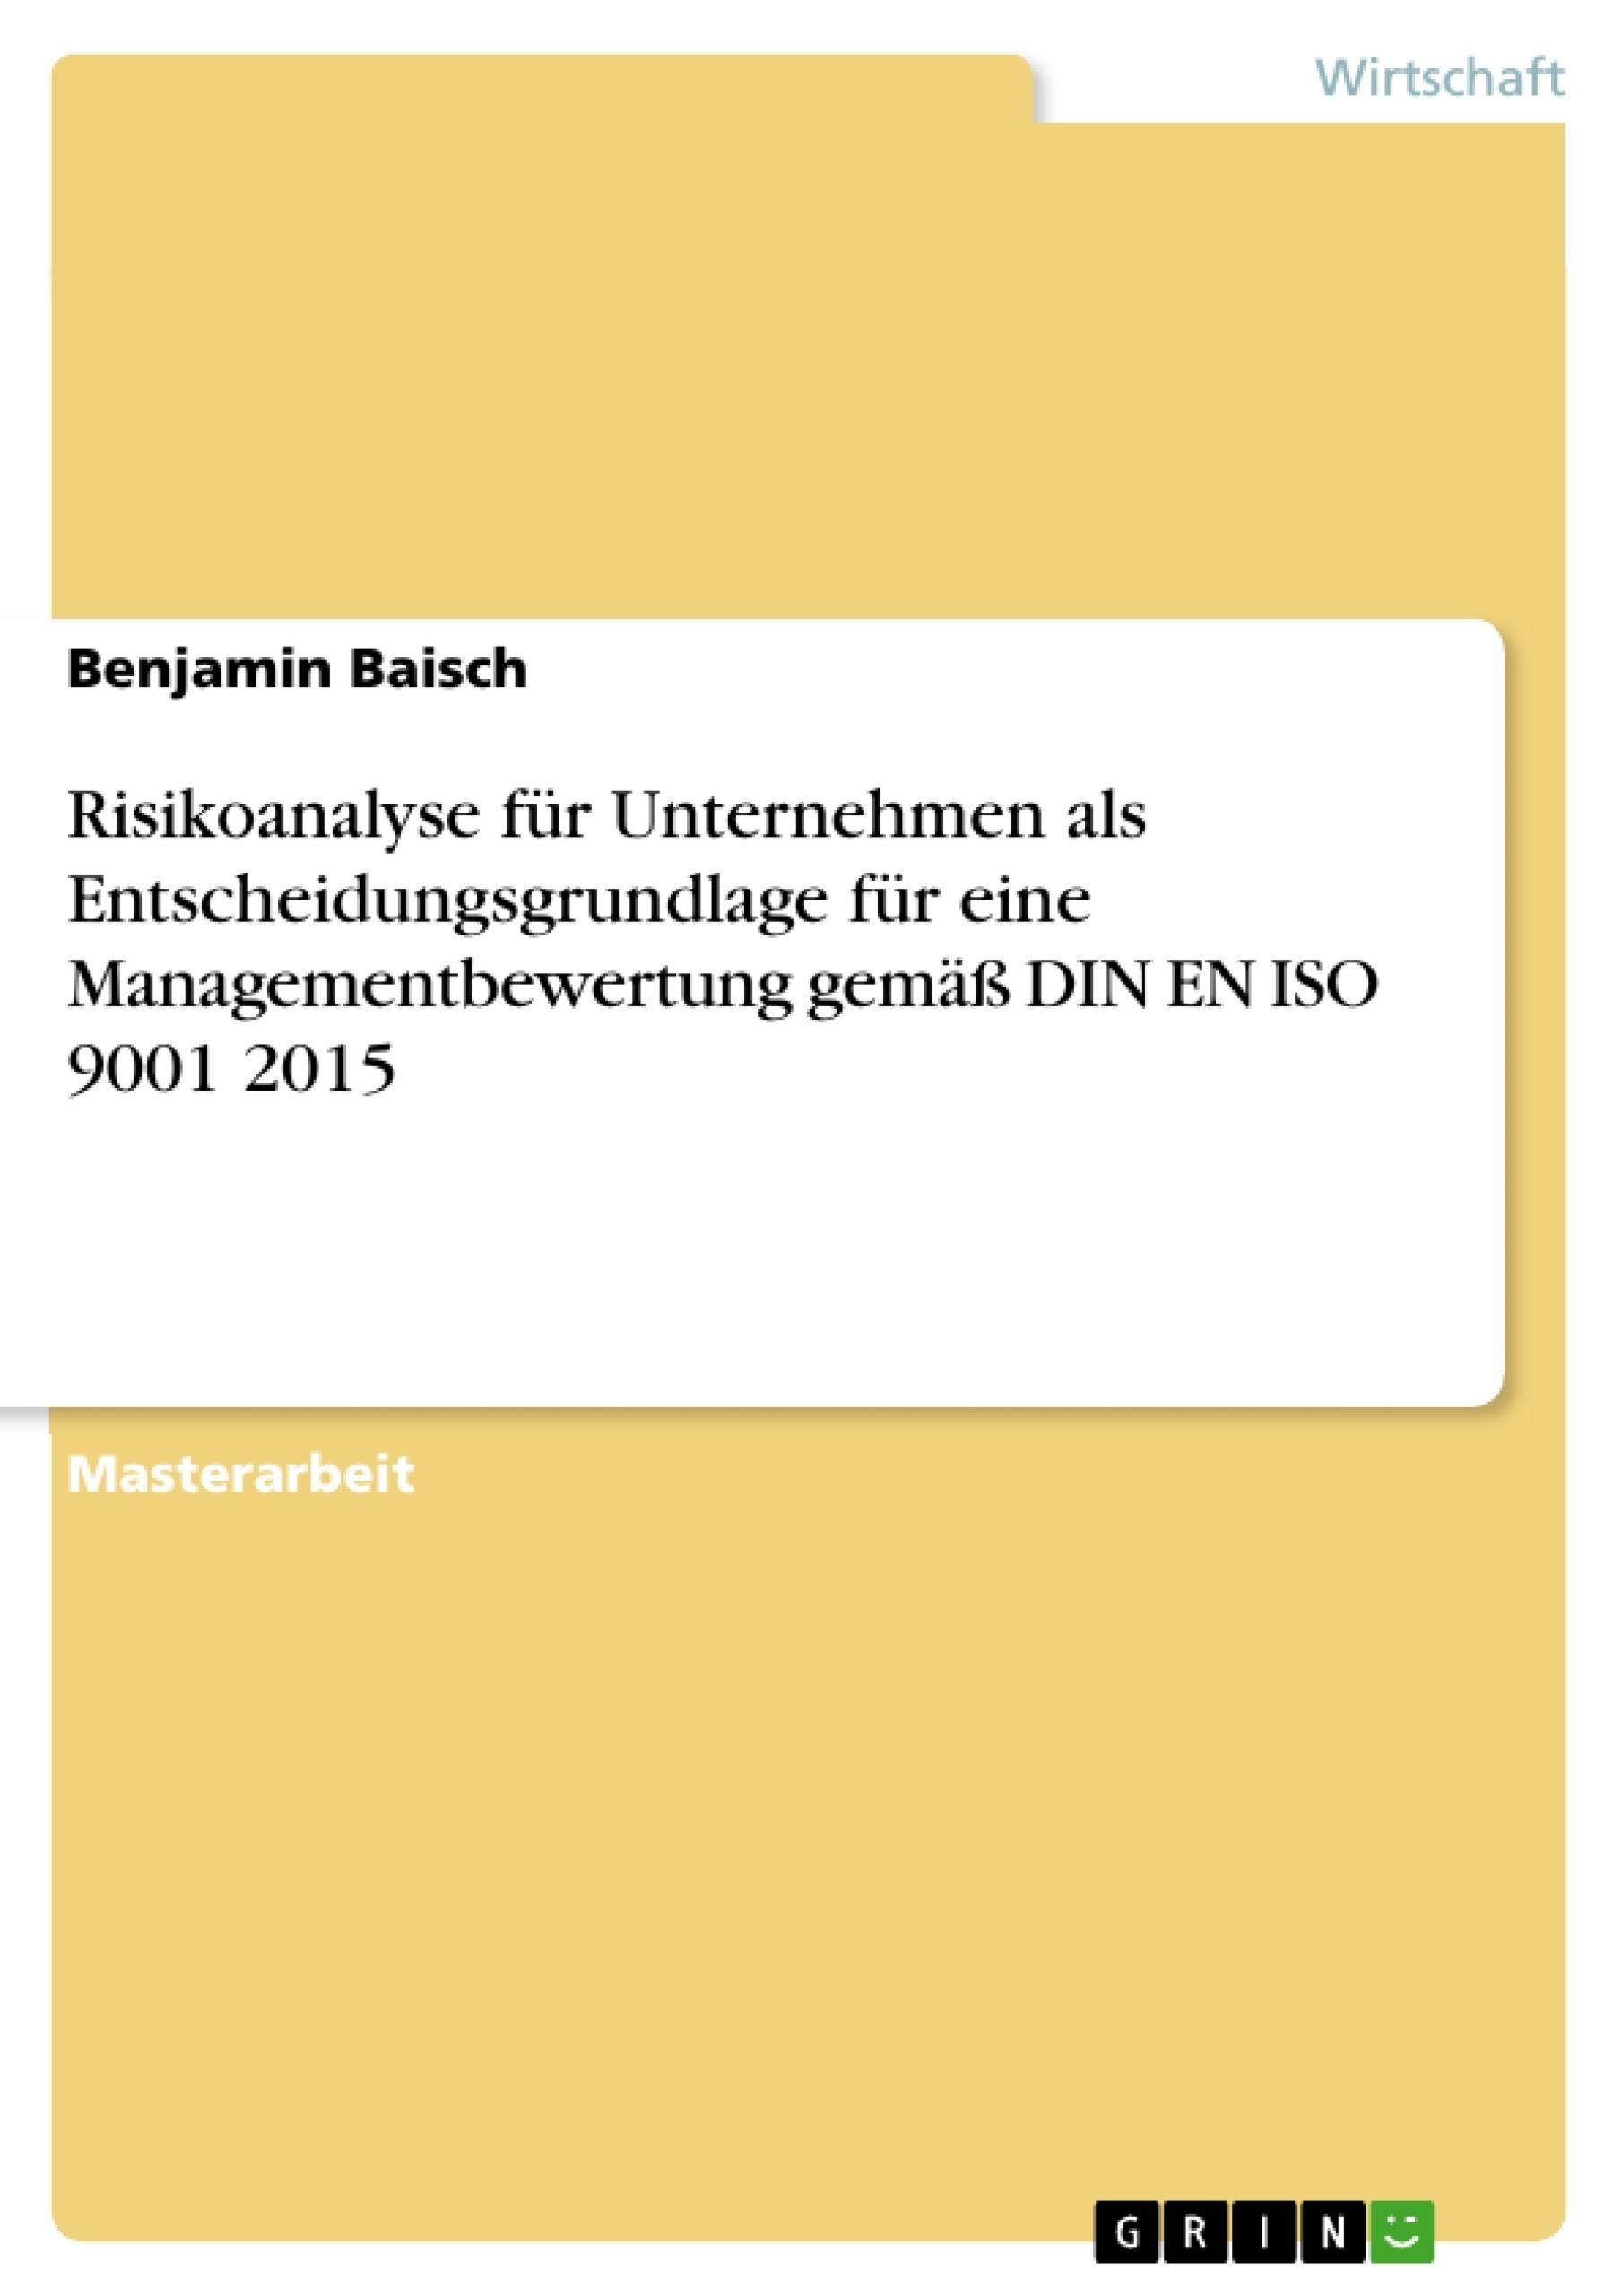 Titel: Risikoanalyse für Unternehmen als Entscheidungsgrundlage für eine Managementbewertung gemäß DIN EN ISO 9001 2015